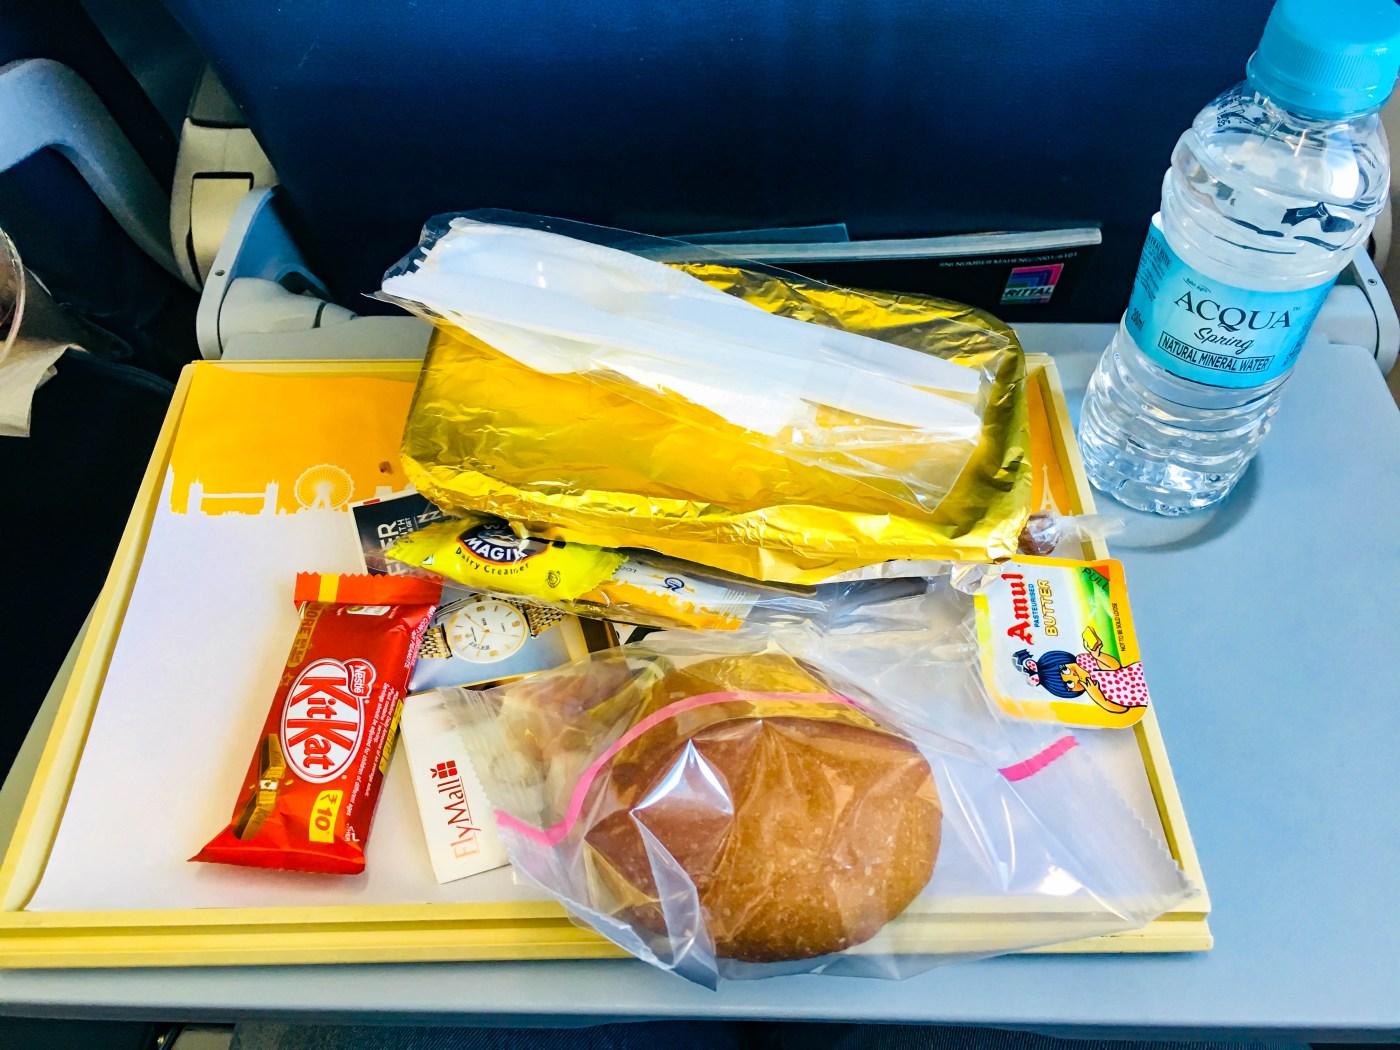 Jet Airways economy class food